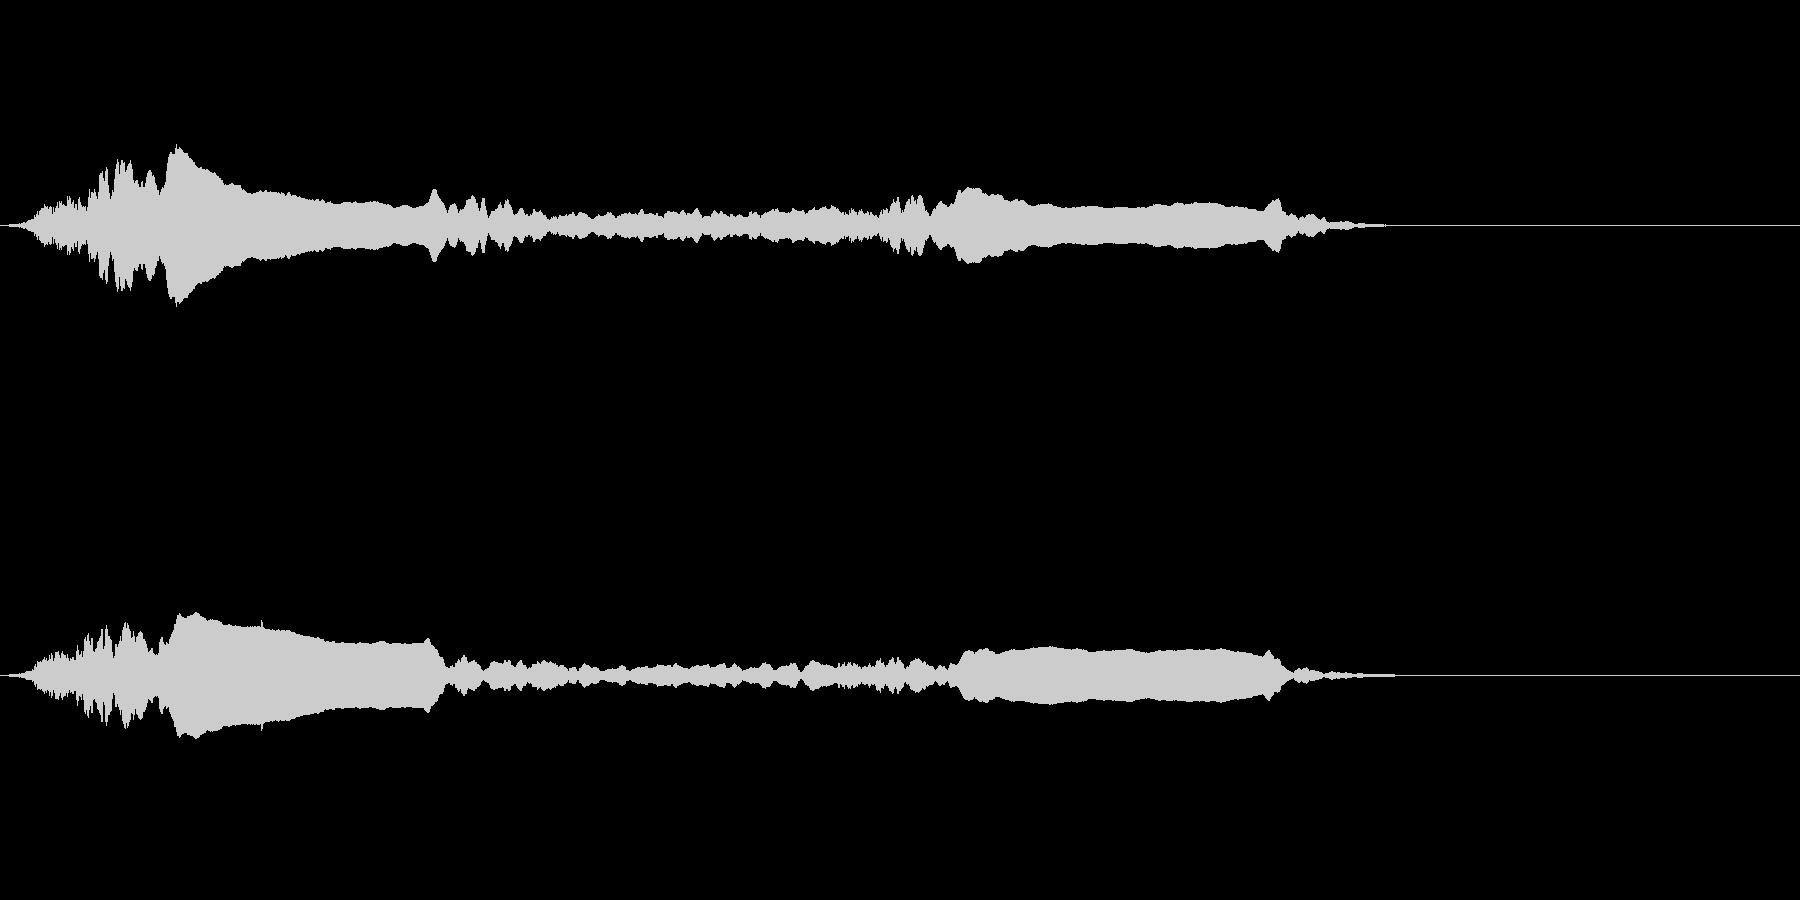 パトカーのサイレン音の未再生の波形